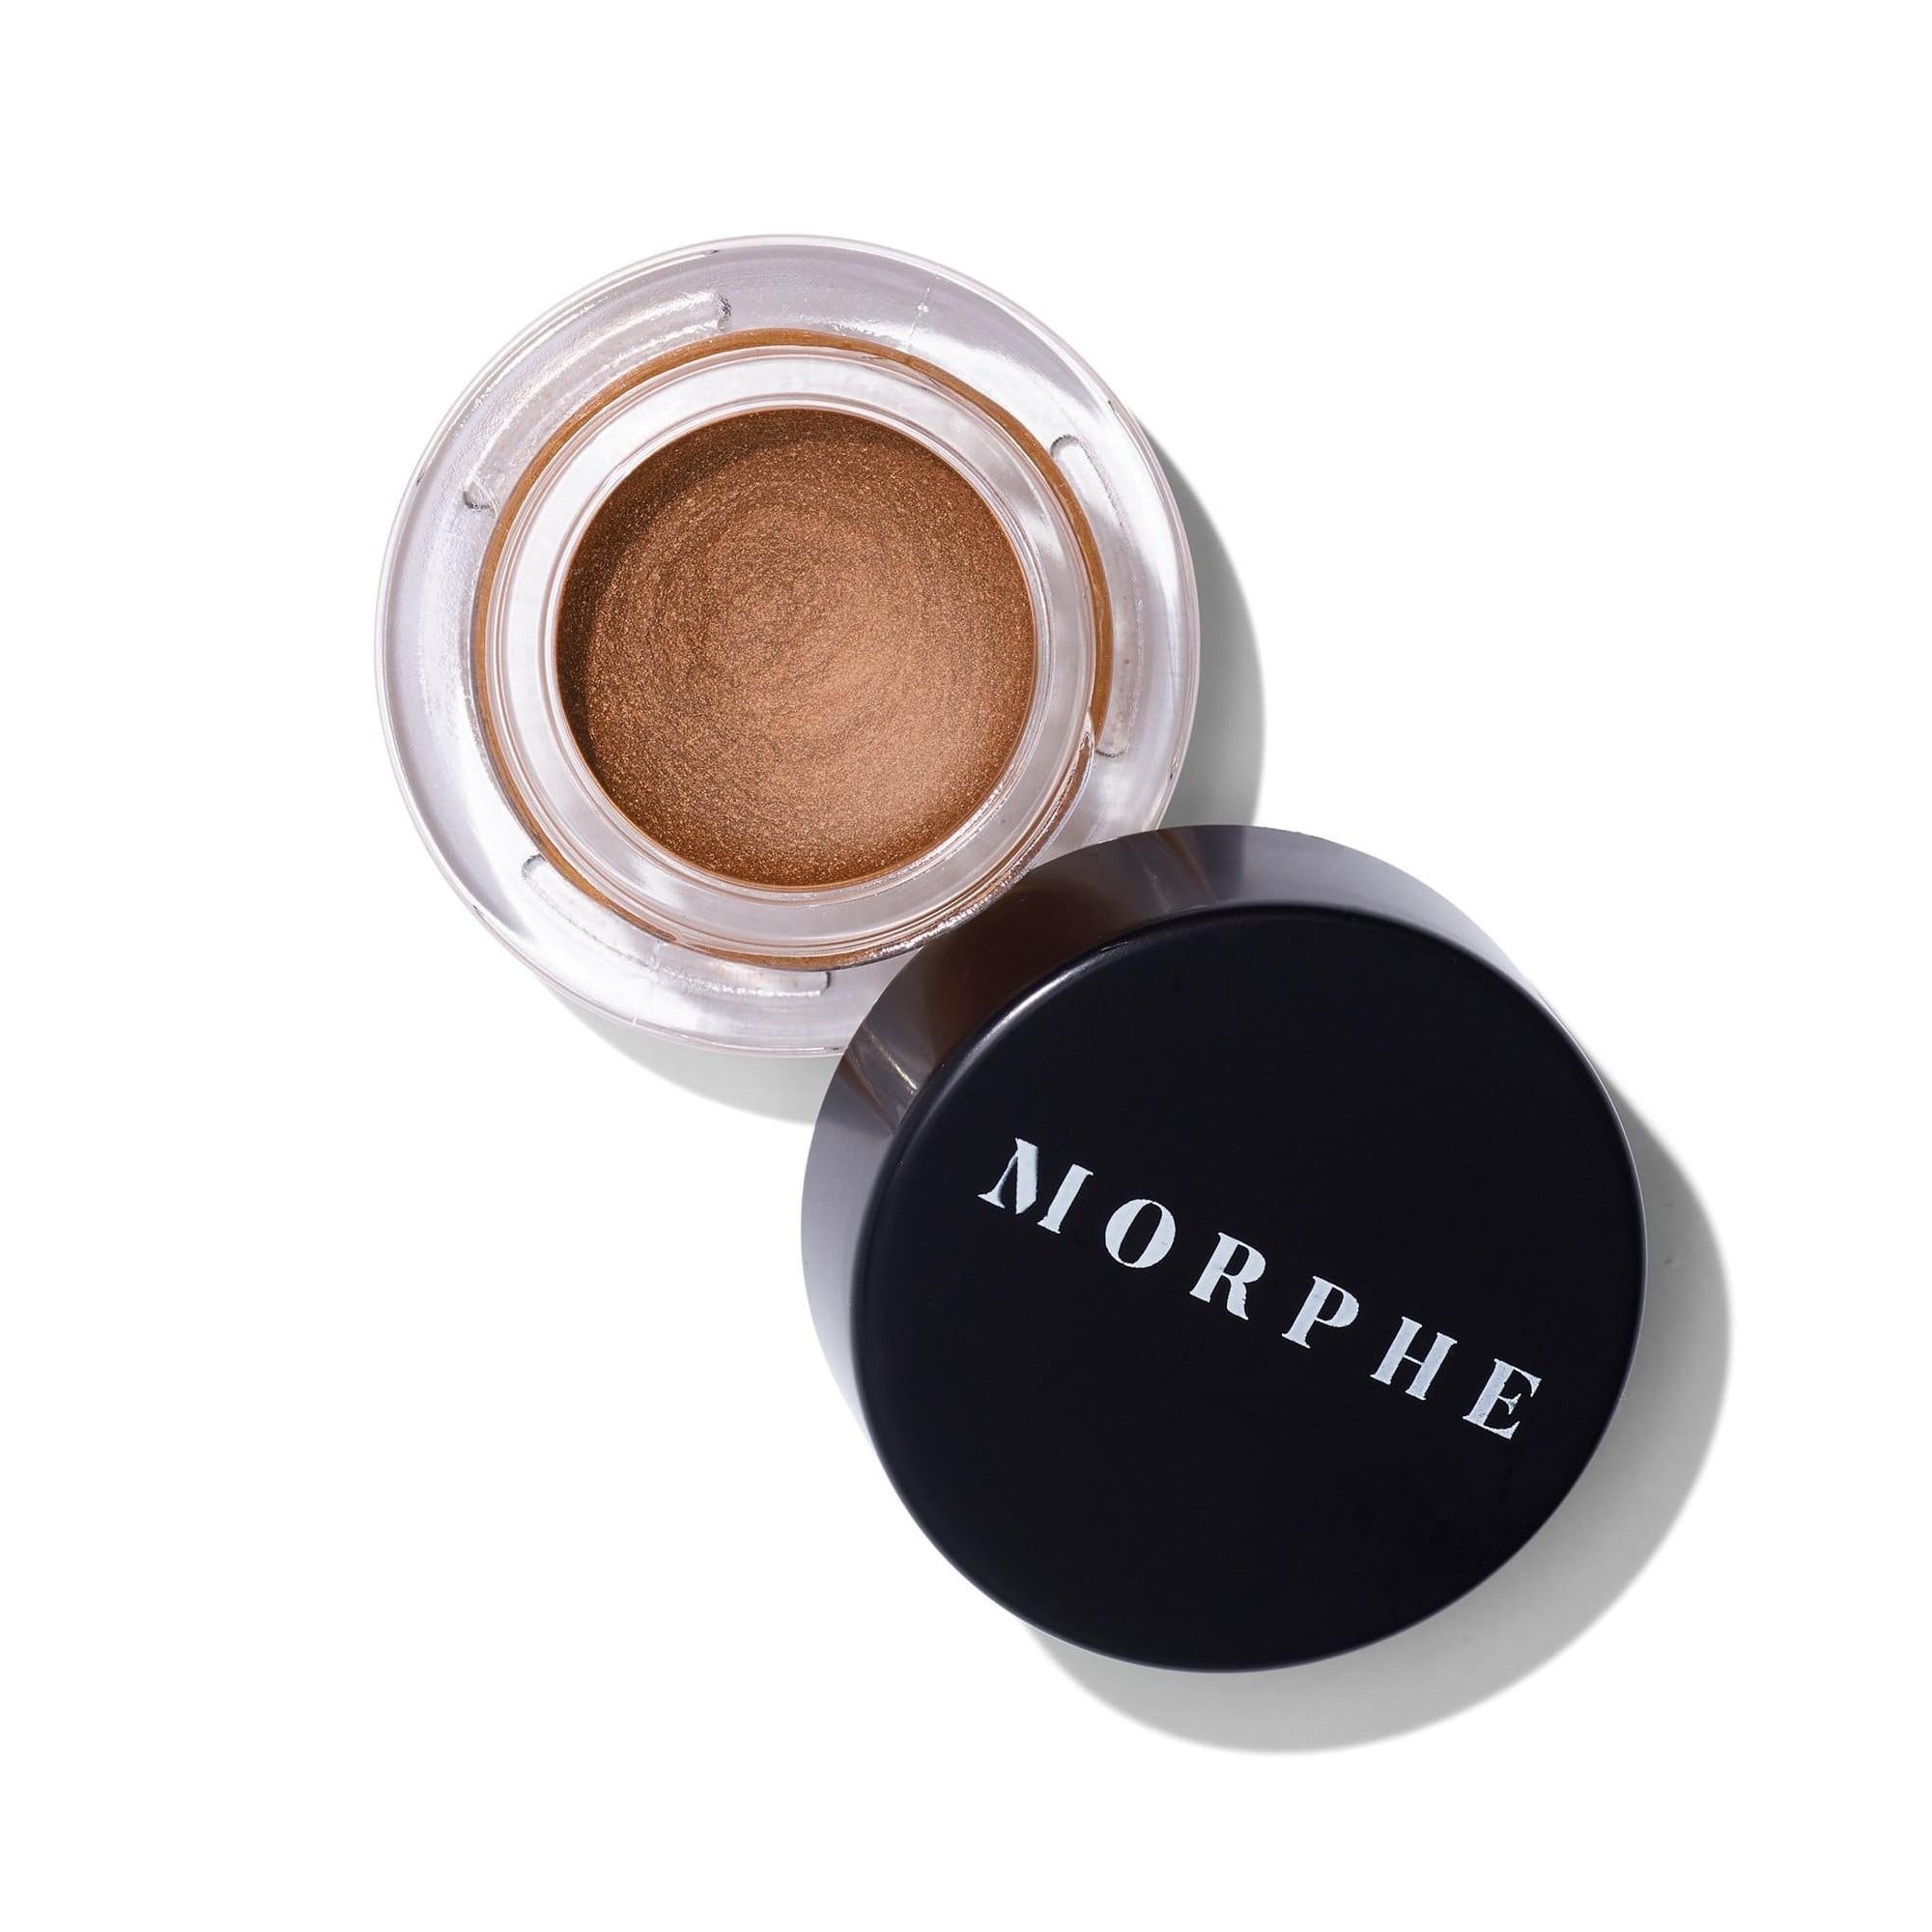 Morphe Gel Liner Bronze Ambition